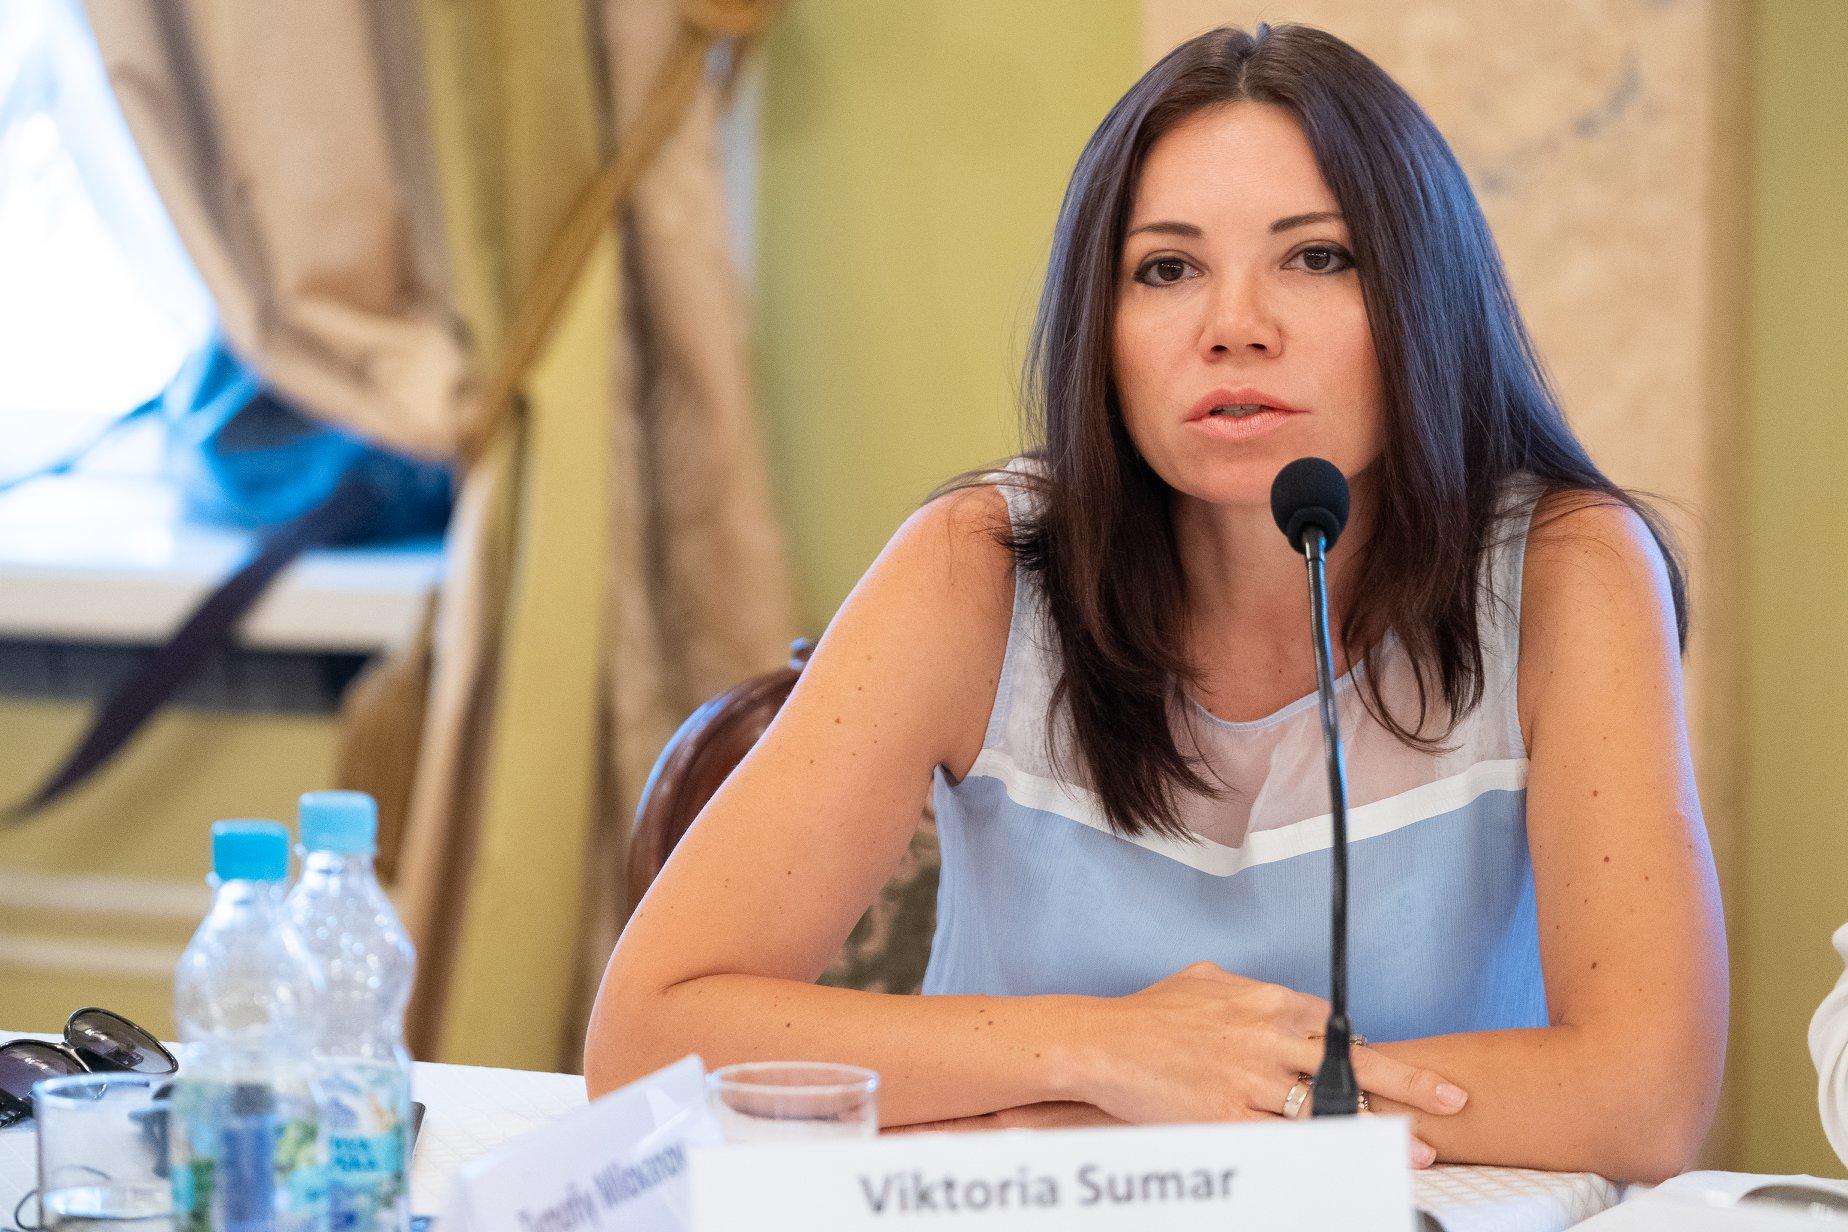 Вікторія Сюмар (фото: facebook)